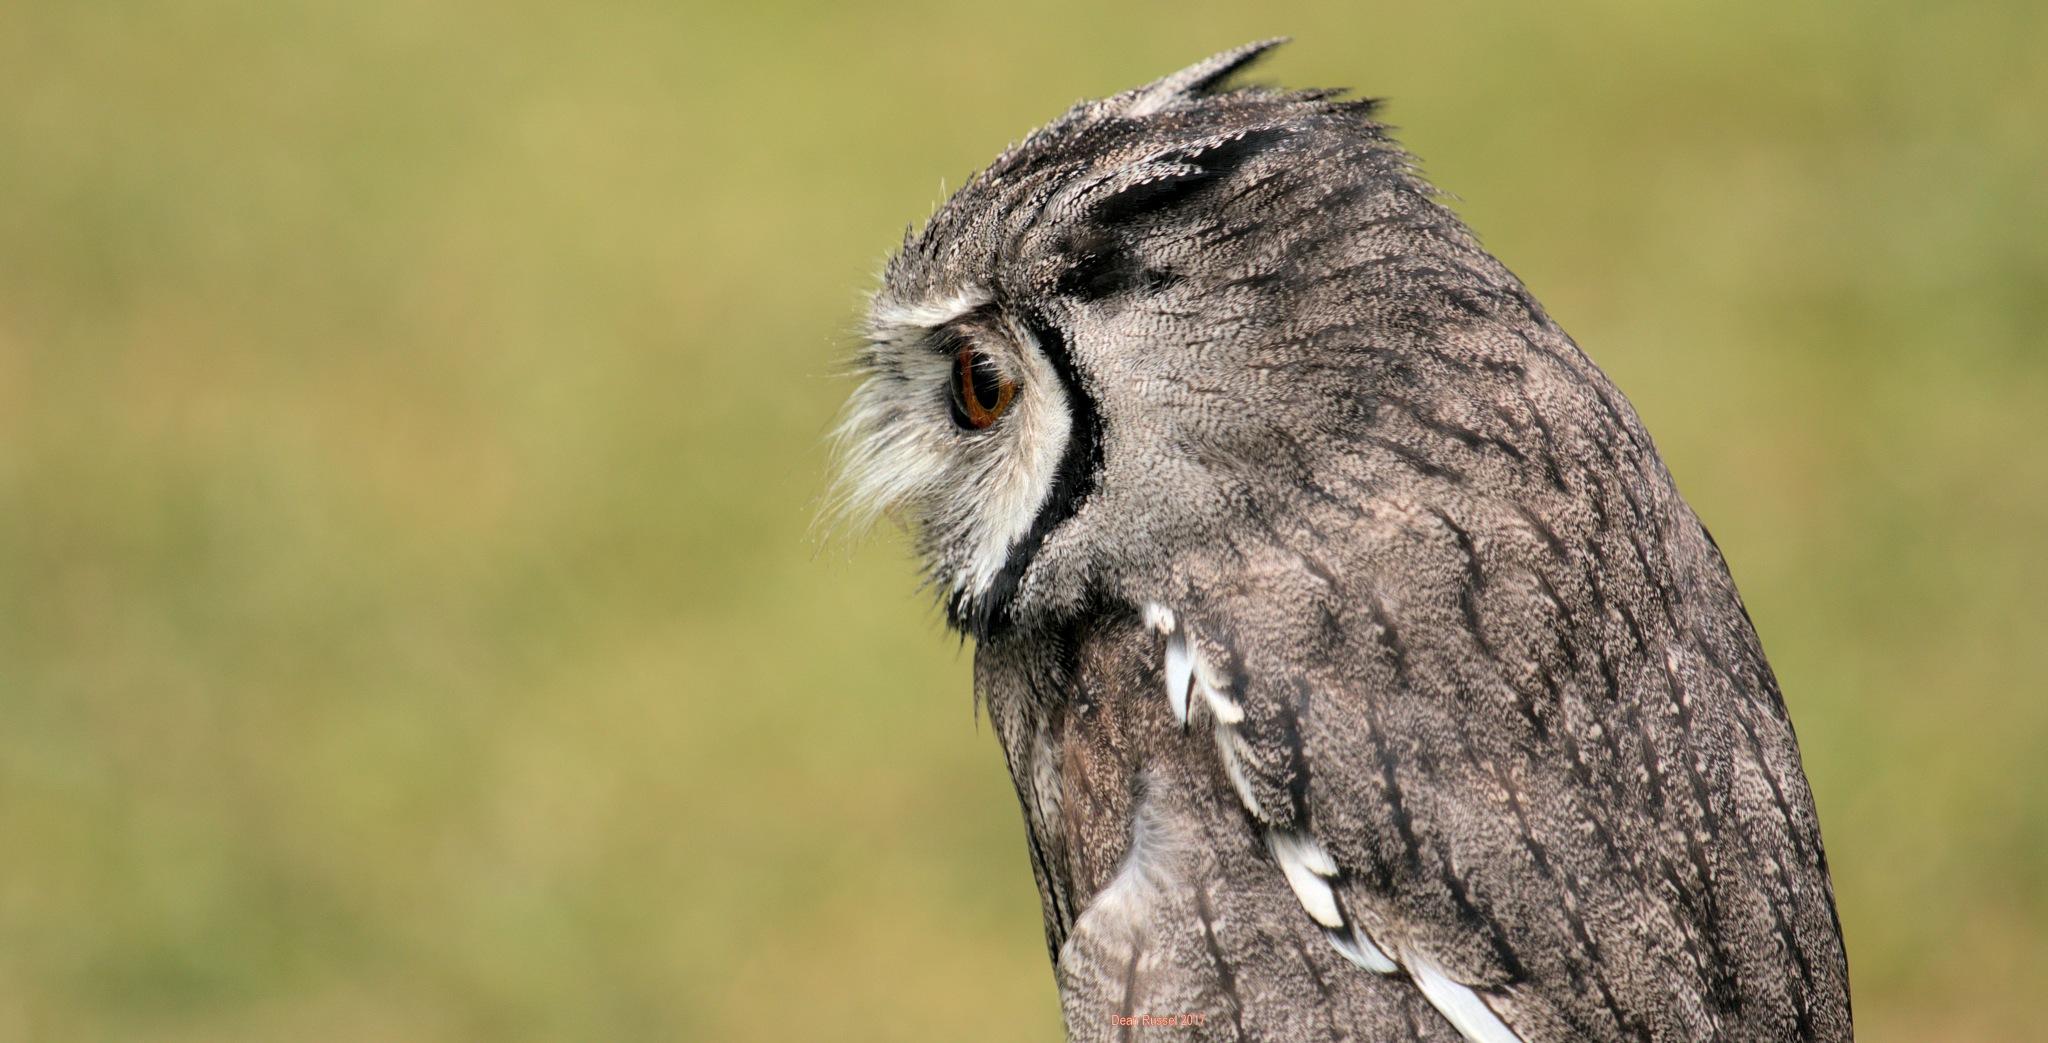 Long Eared Owl by dean.russell.3551